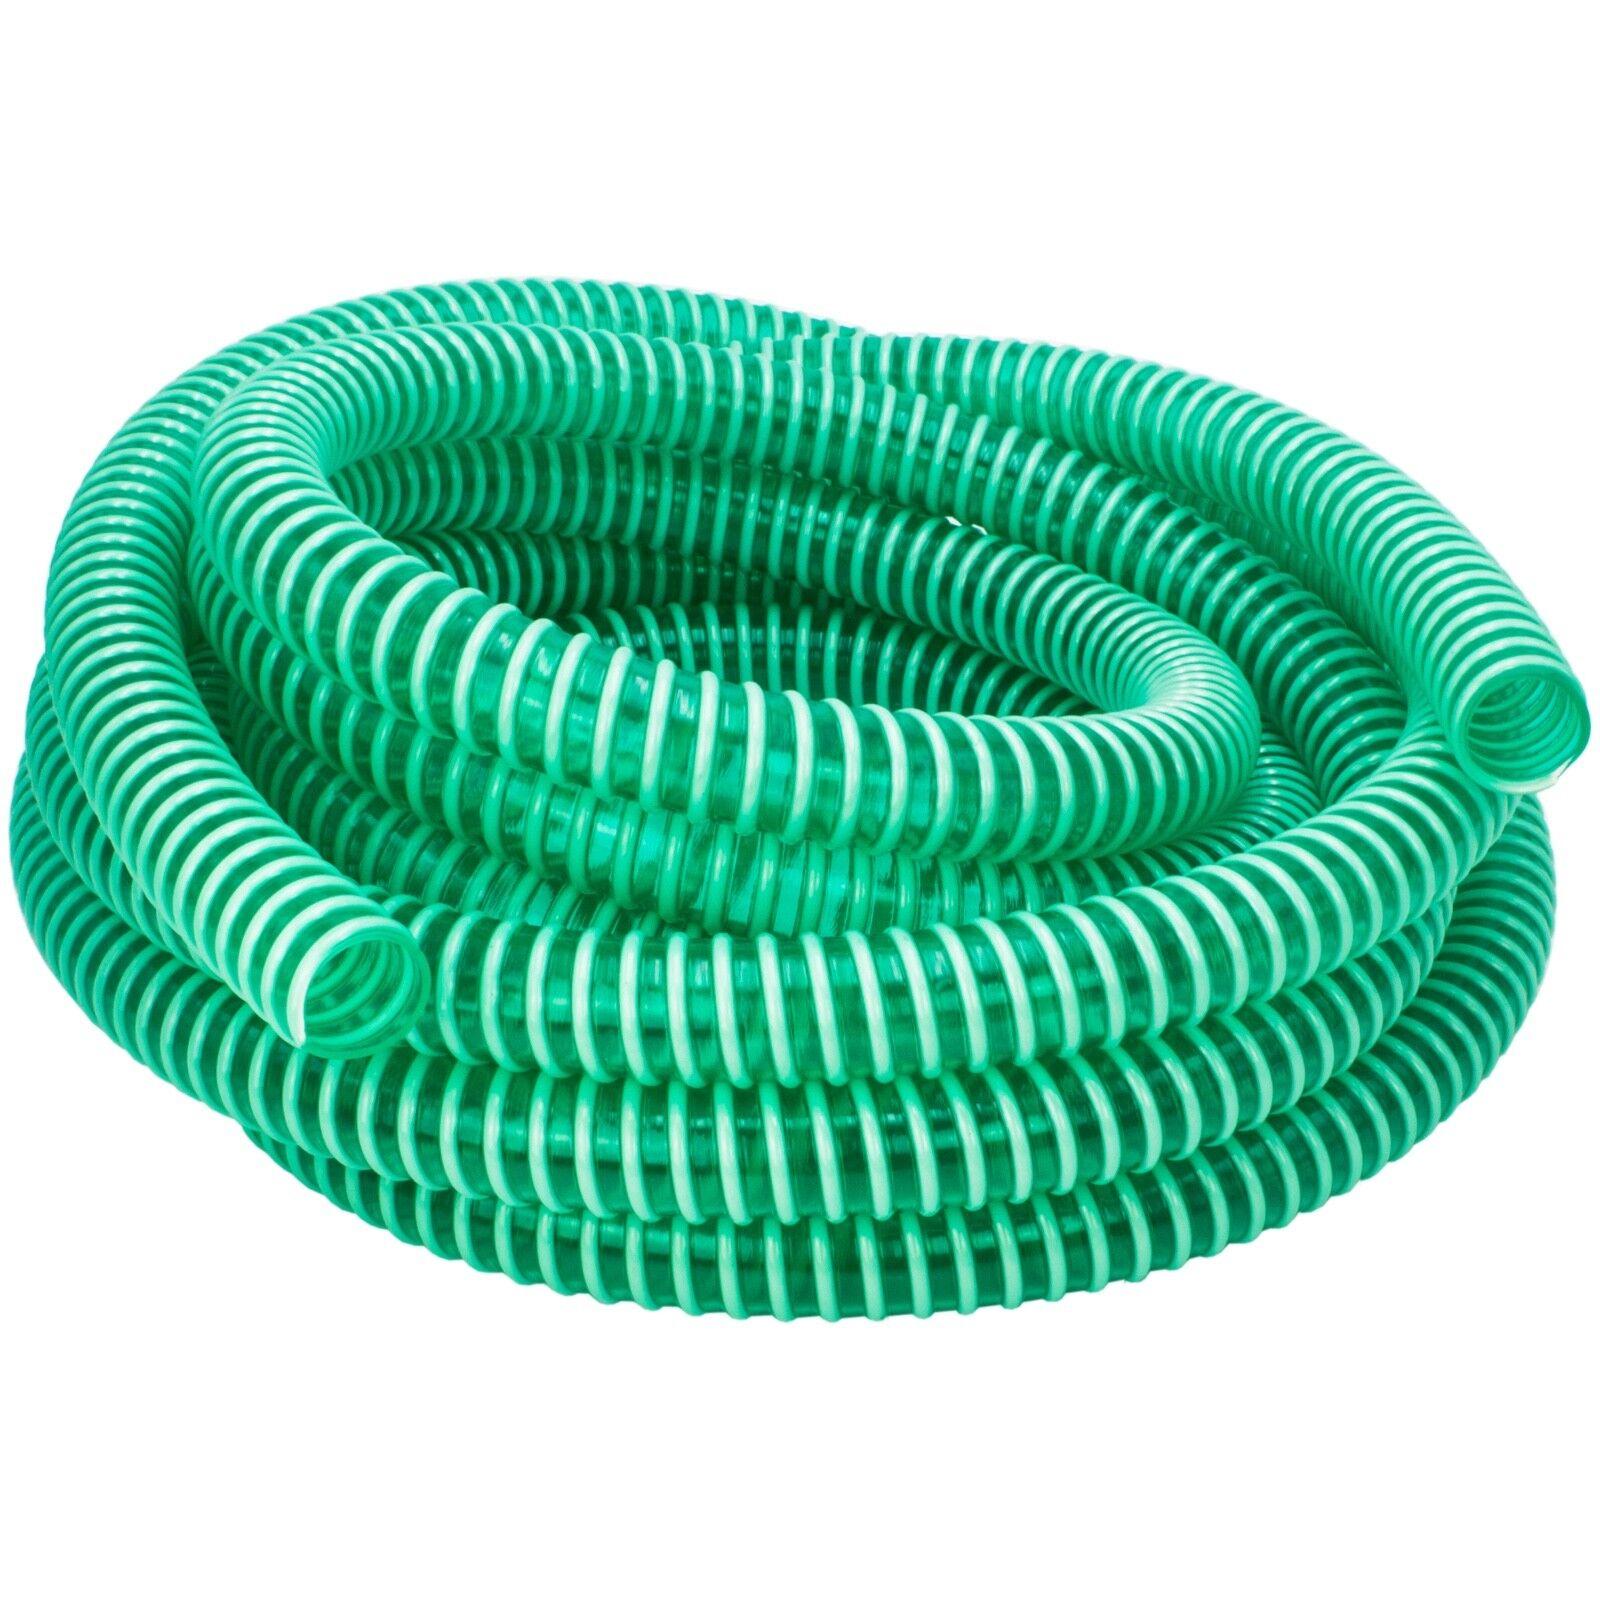 PVC Saugschlauch Spiralschlauch Garten Teich Pump Wasser Förder Schlauch Schwarz